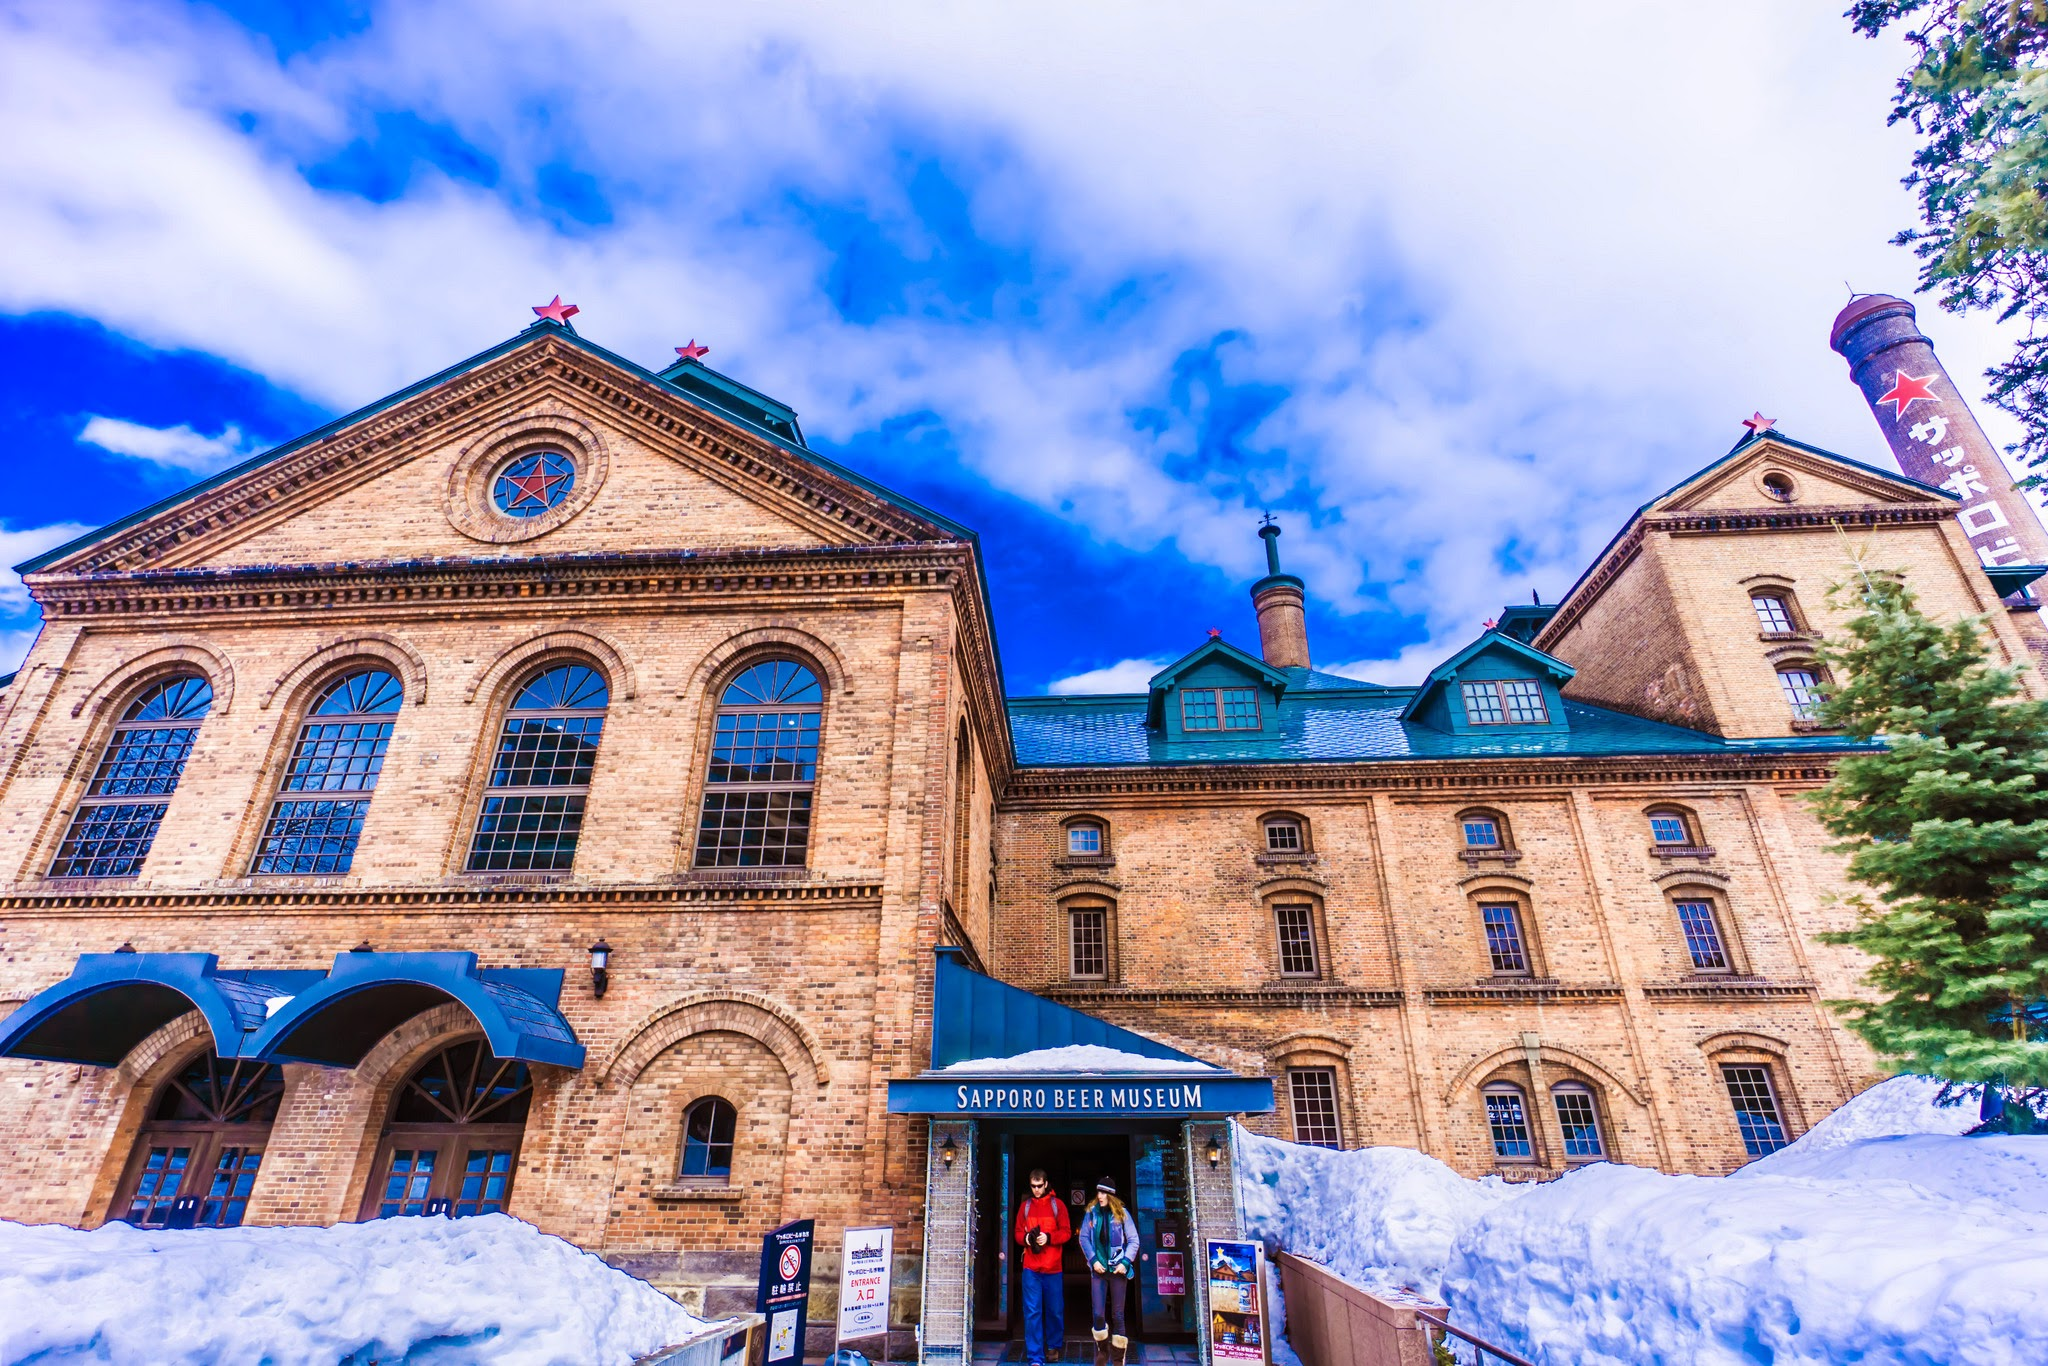 サッポロビール博物館 冬 雪